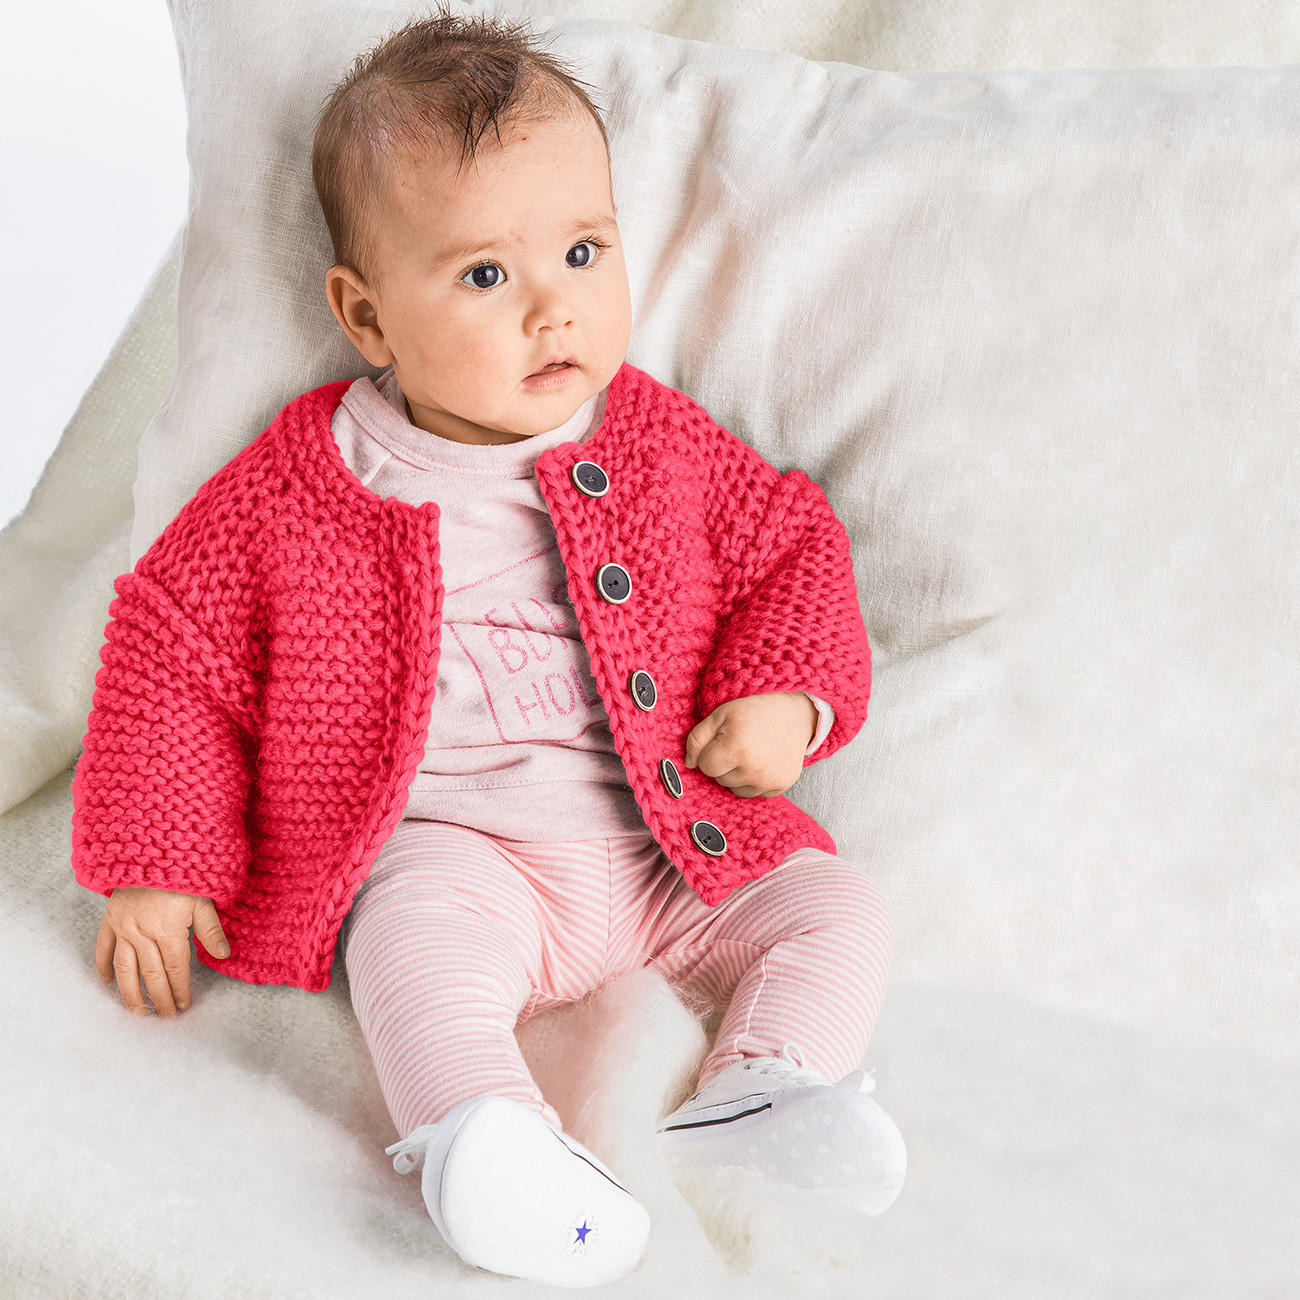 modell 472 6 baby jacke 2 f dig aus novata von junghans. Black Bedroom Furniture Sets. Home Design Ideas